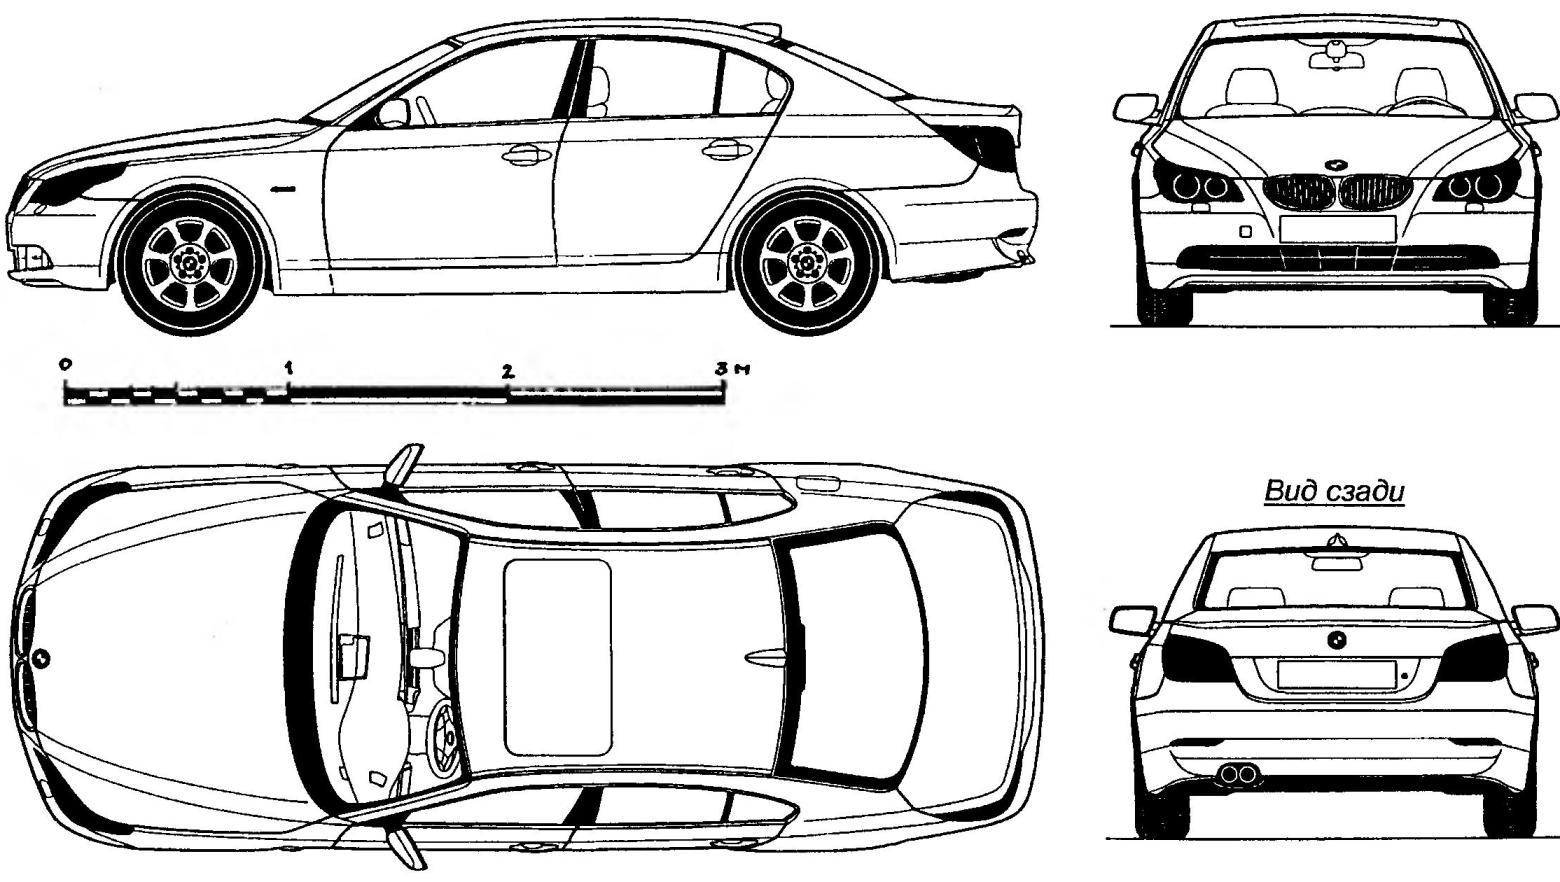 Геометрическая схема автомобиля BMW 530i